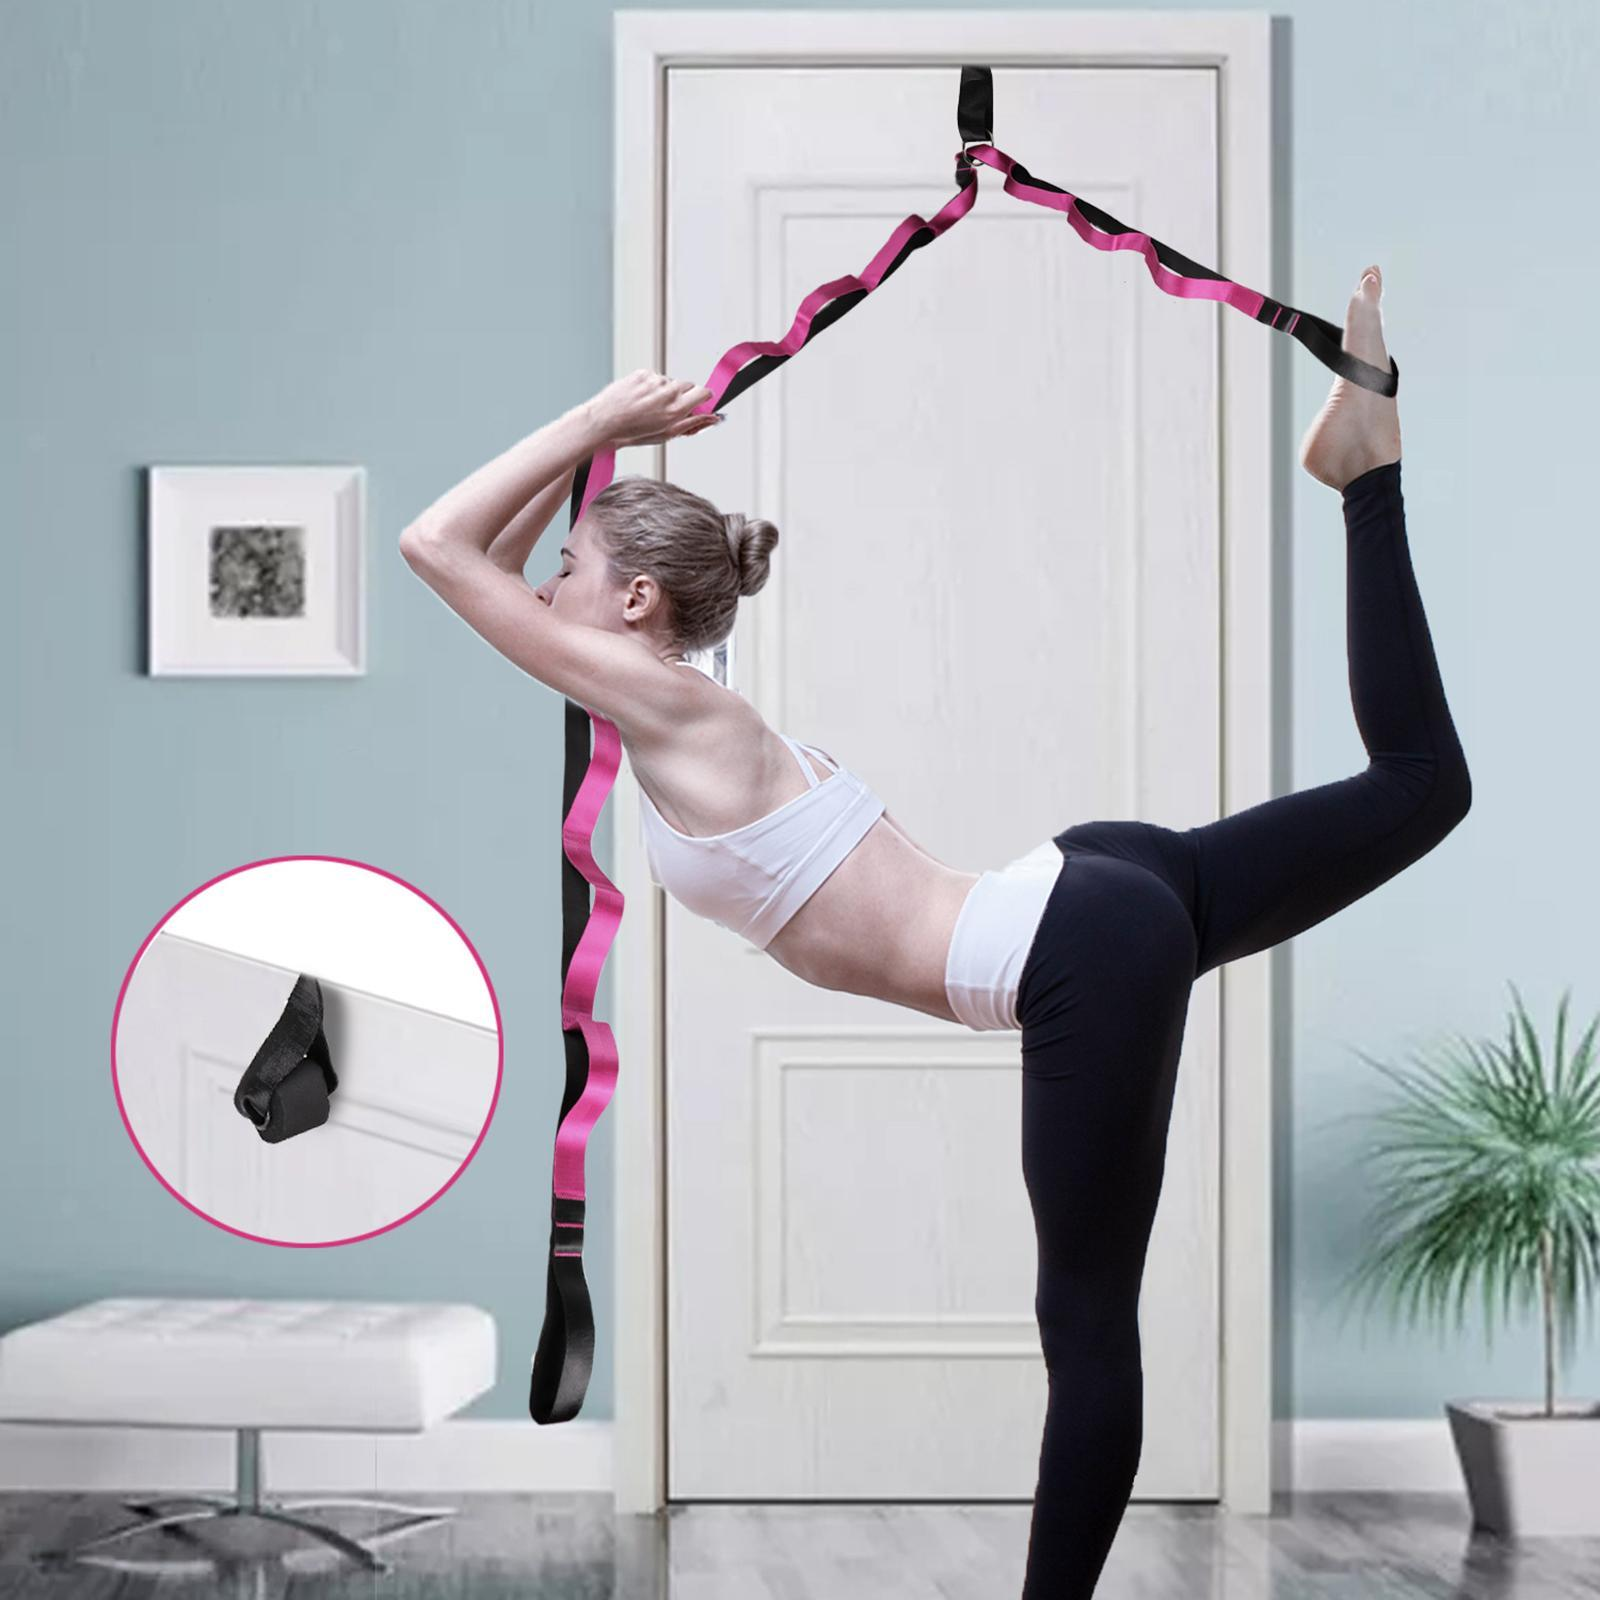 miniatura 38 - Pierna camilla yoga Stretch Strap Latin Dance Gymnastic pull cinturón flexibilidad